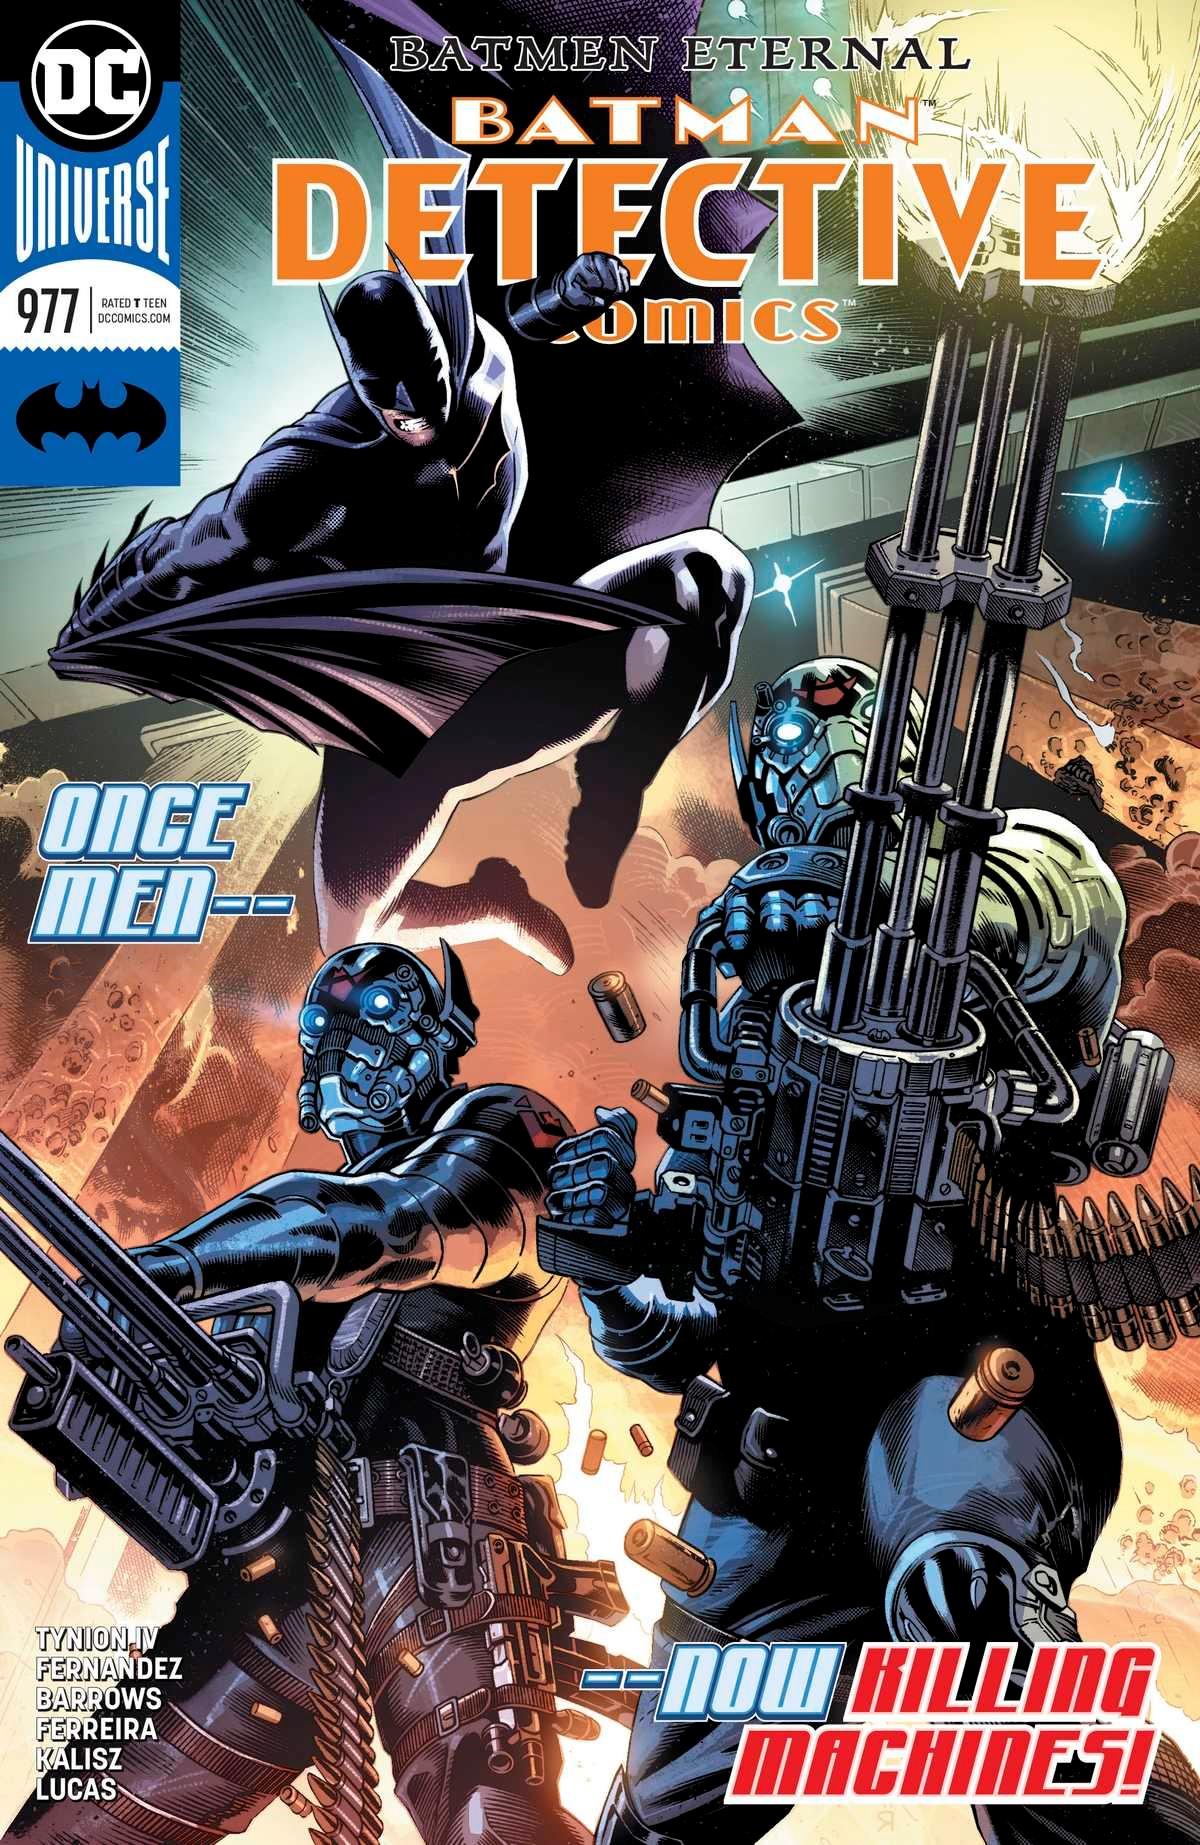 Detective Comics Vol 1 977